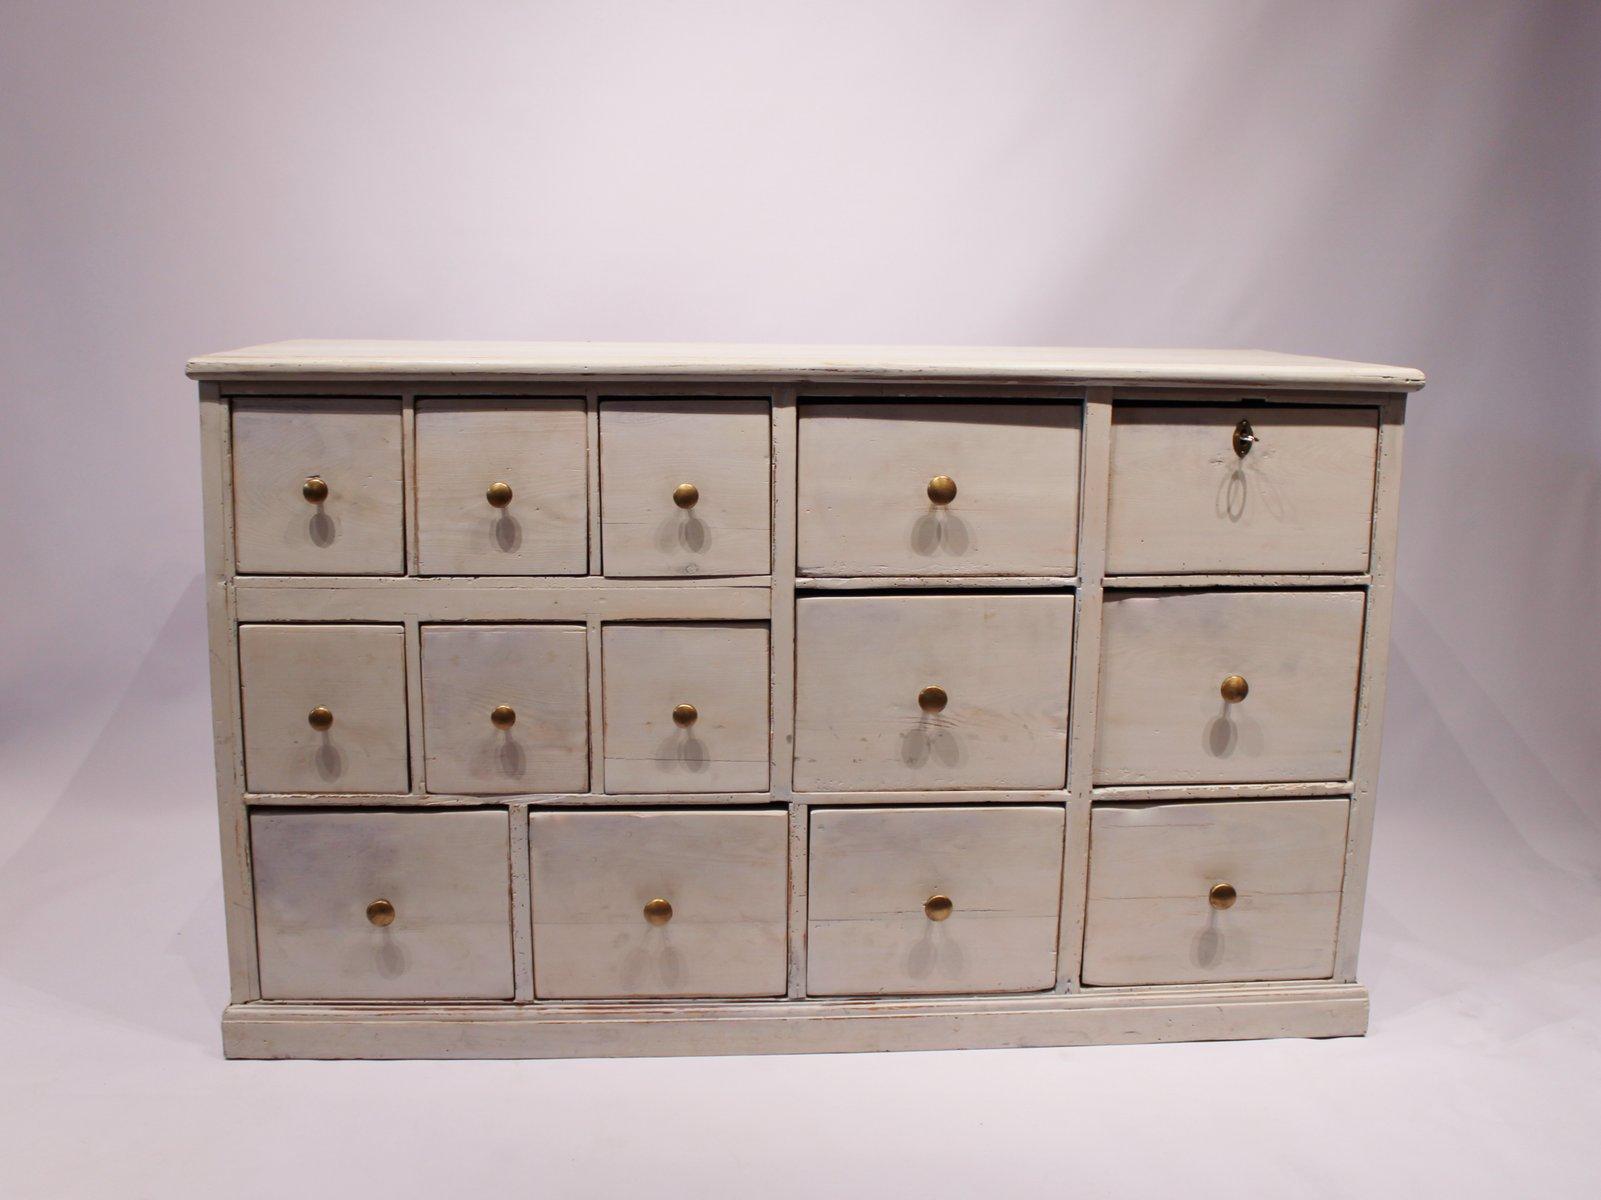 Bemalte dänische Vintage Schubladen, 1920er